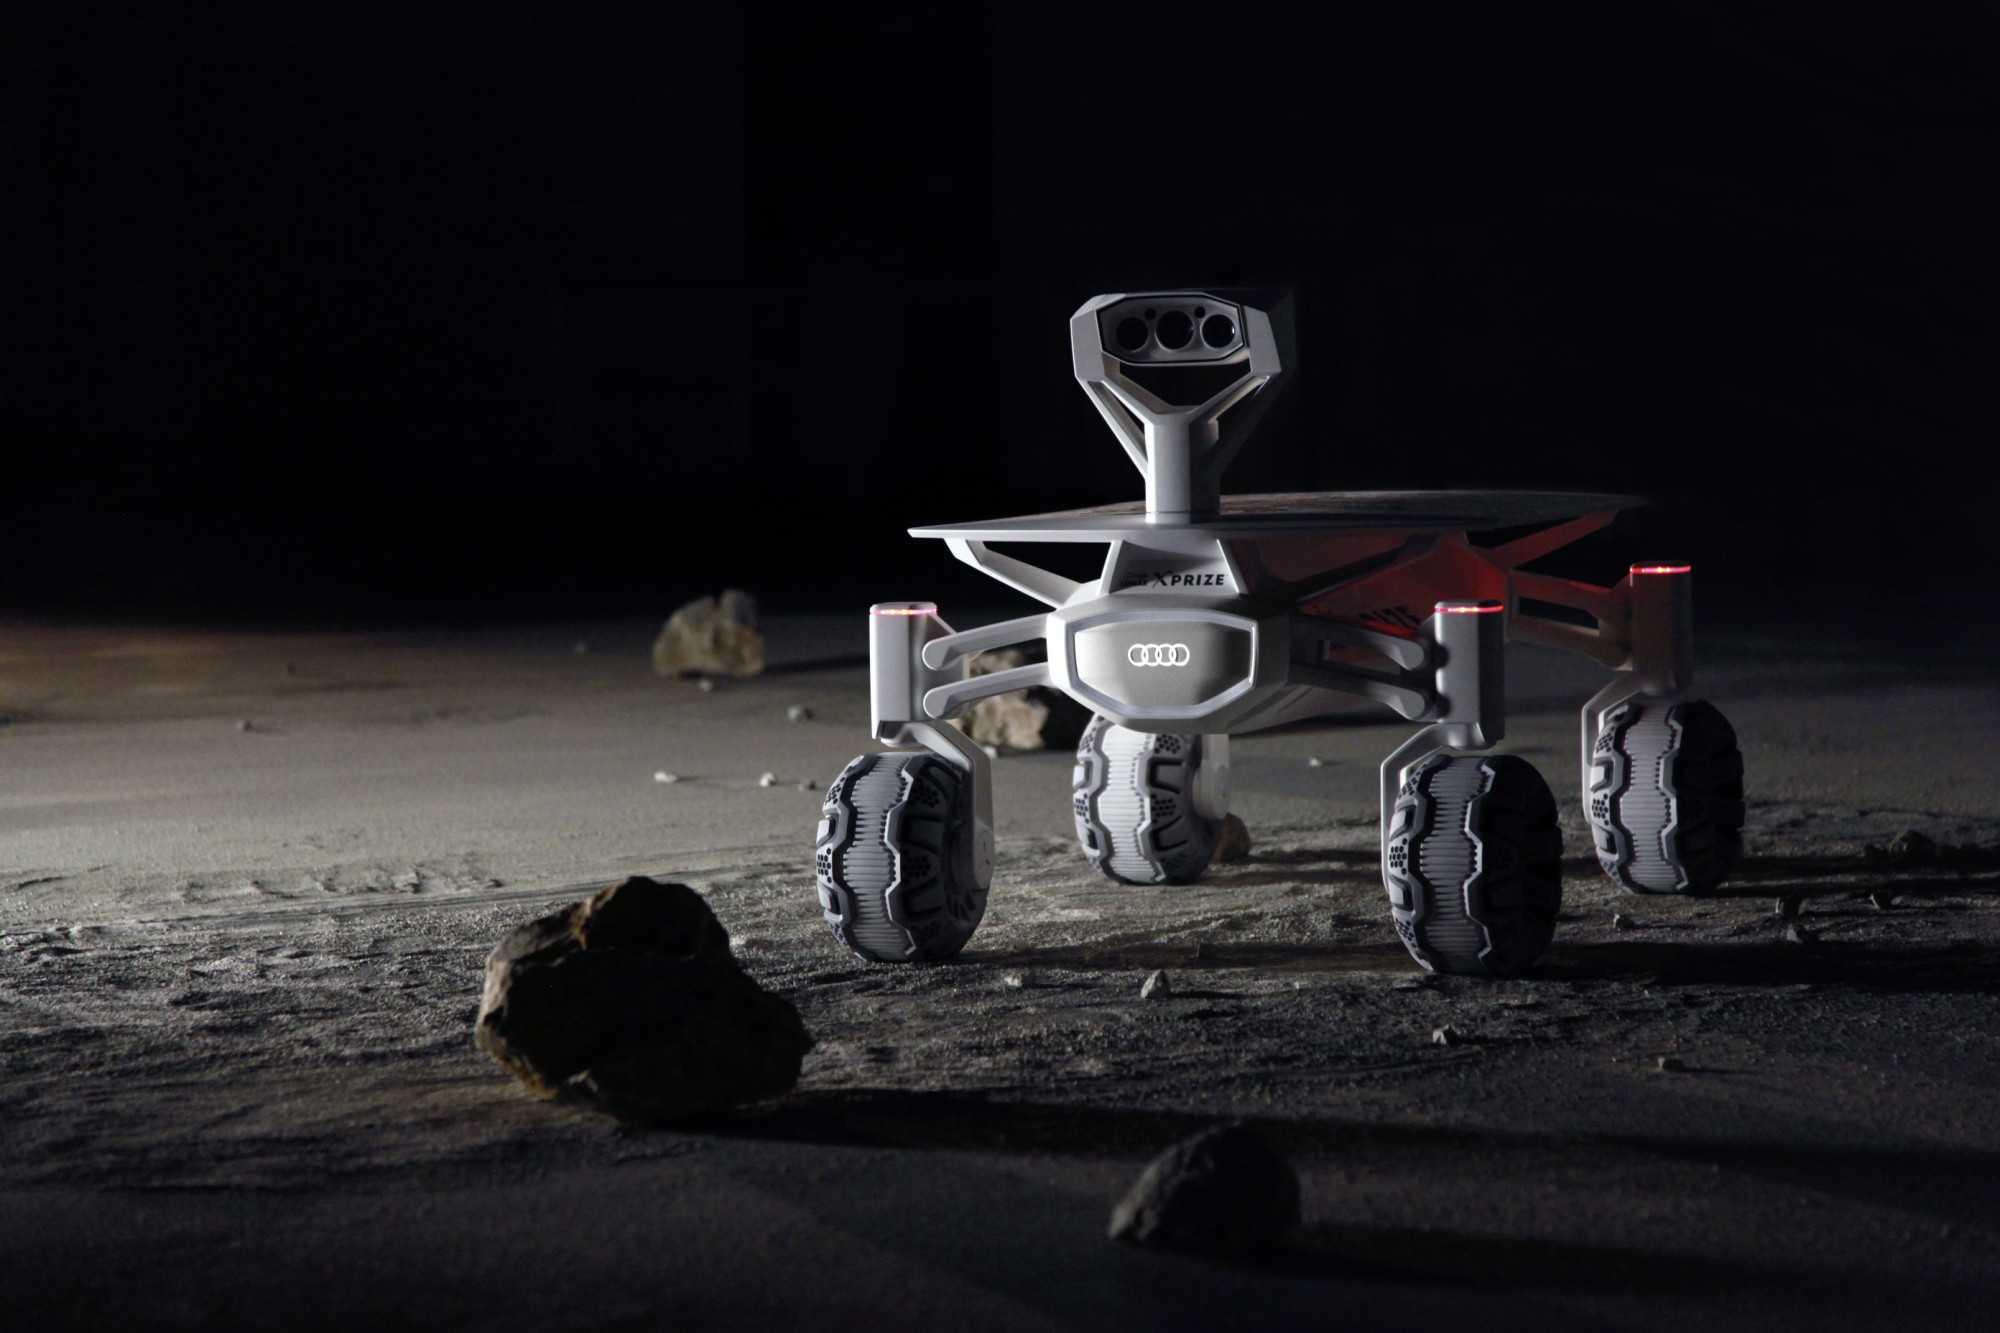 Audi lunar quattro. Eine umfangreiche Bildergalerie gibt es beim Hintergrundartikel: Bild anklicken.